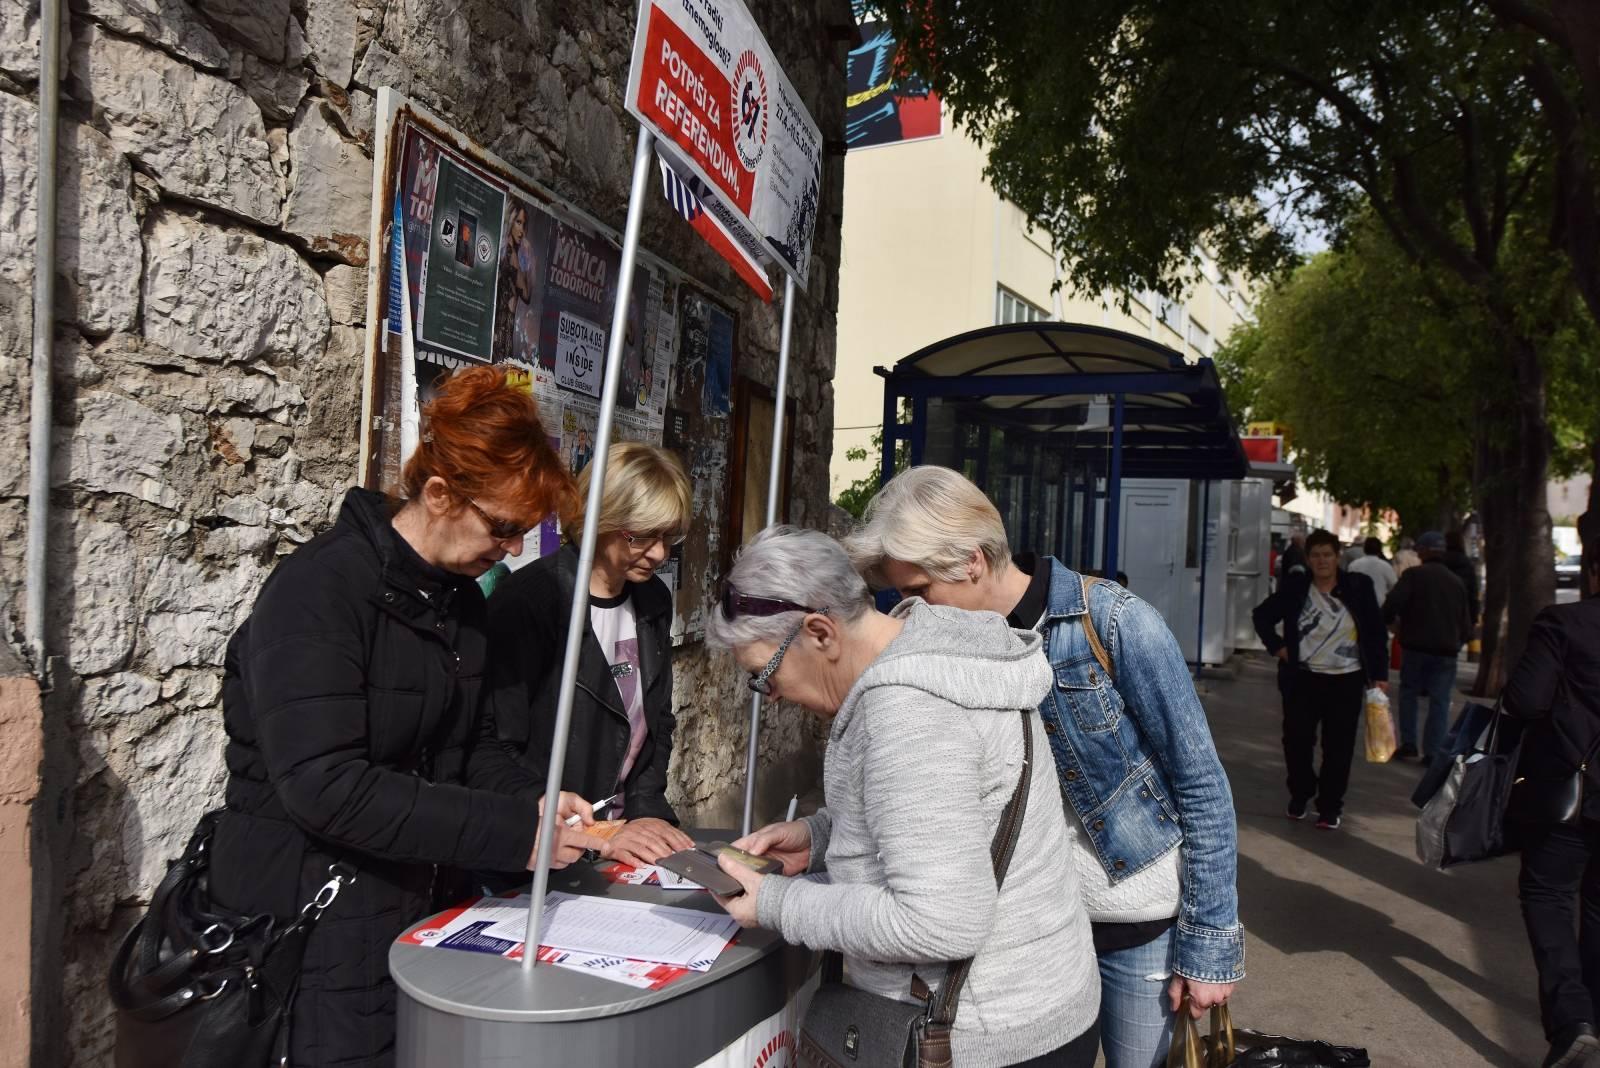 Šibenik: Sindikati još uvijek prikupljaju potpise za referendum protiv odlaska u mirovinu sa 67